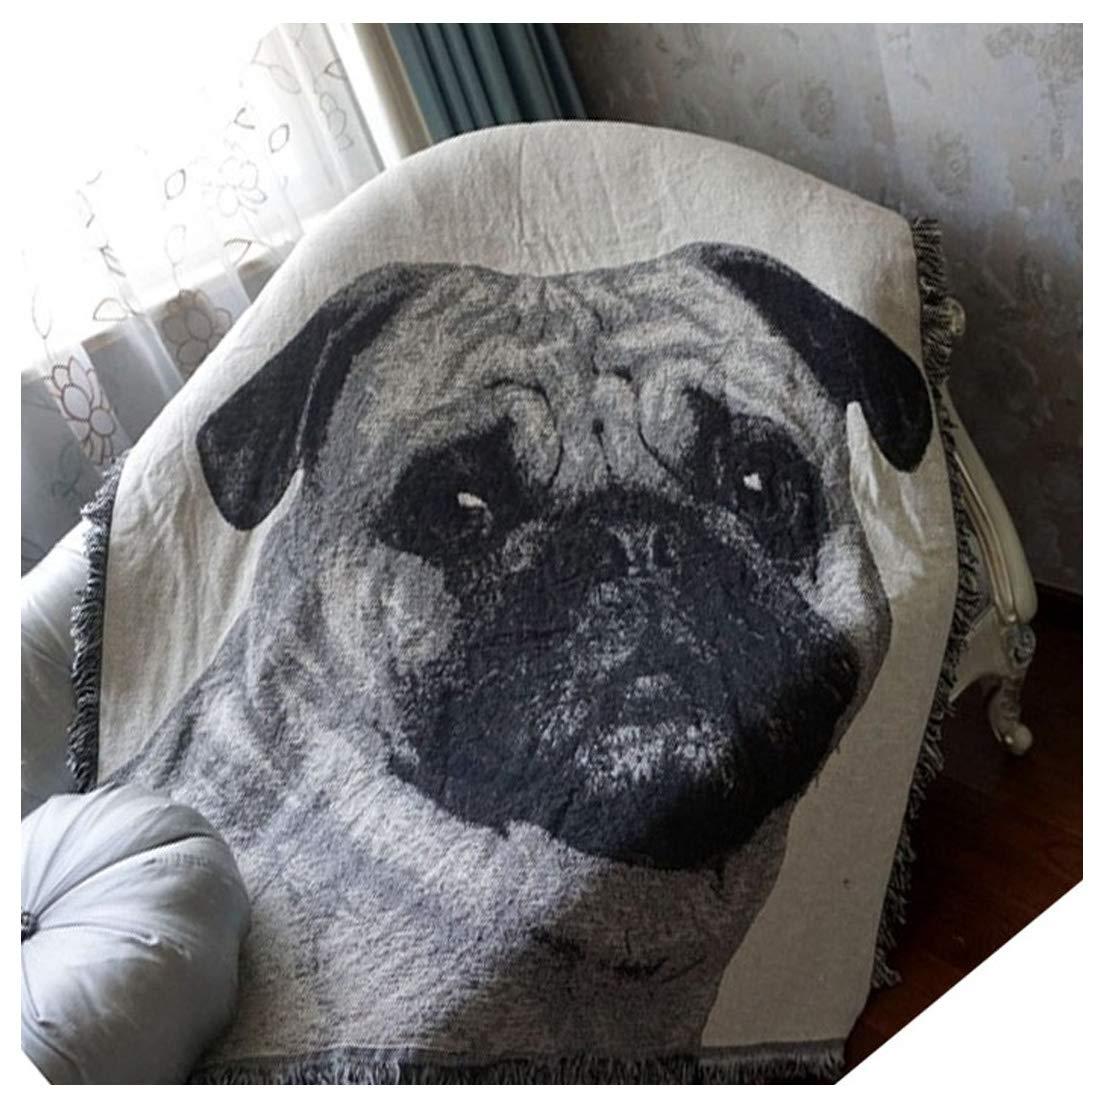 印刷ボヘミアンスロー毛布猫犬動物パターンニットThrow Fuzzy毛布50